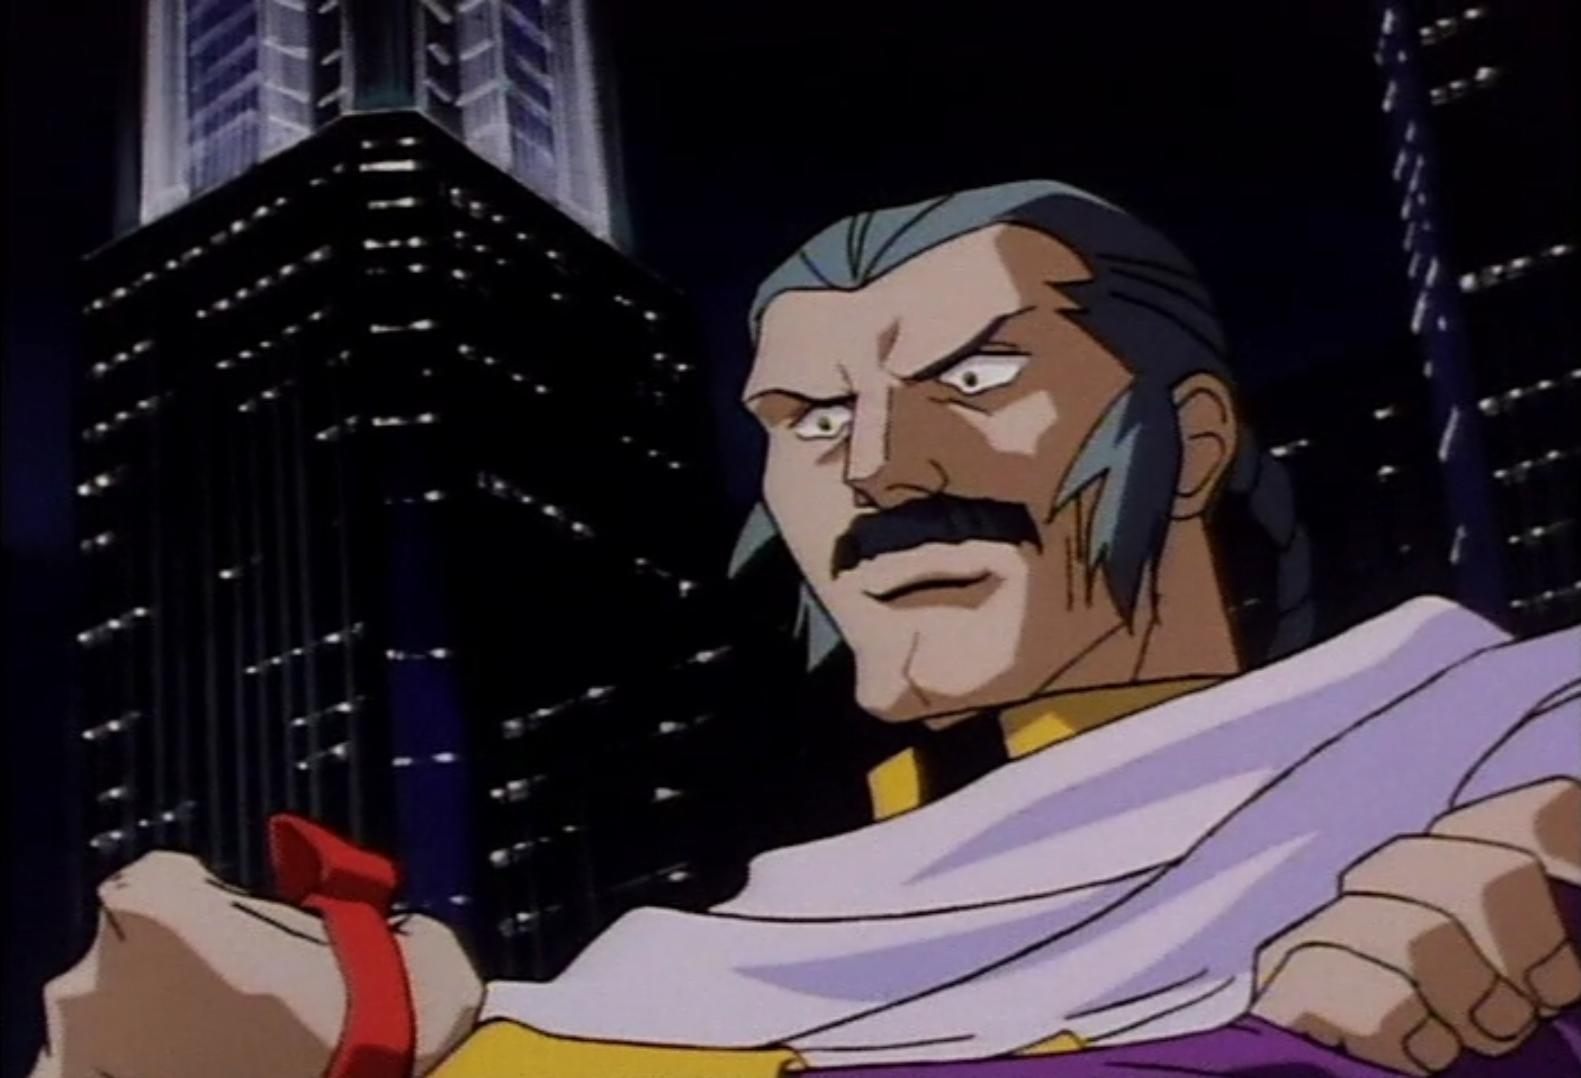 Master Asia hace una entrada dramática en una escena del anime de televisión Mobile Fighter G-Gundam.